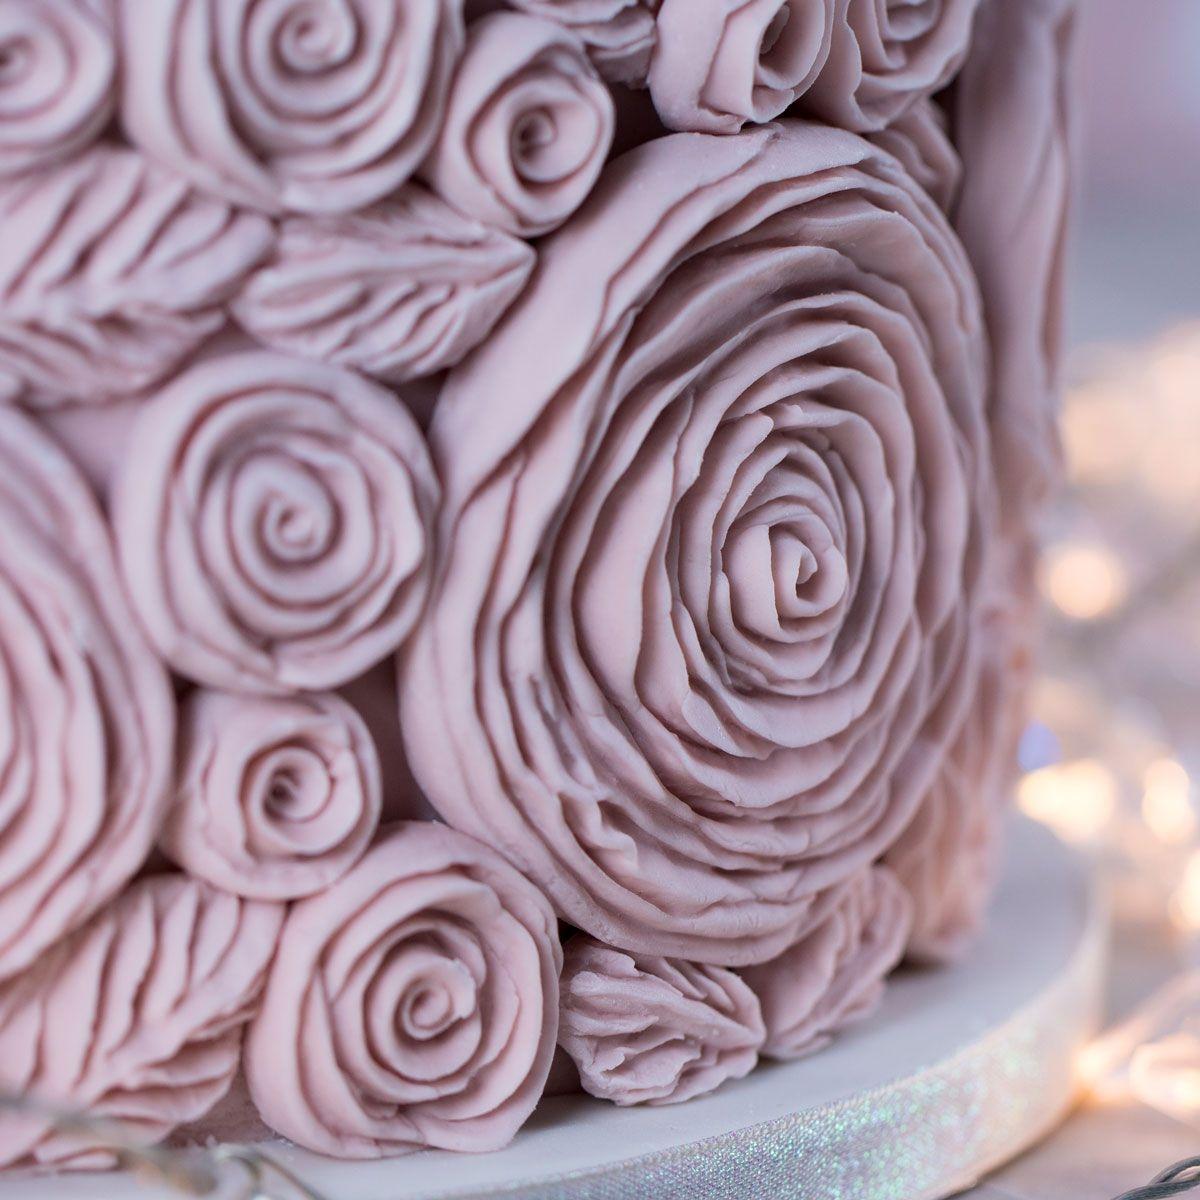 Karen Davies ruffled roses